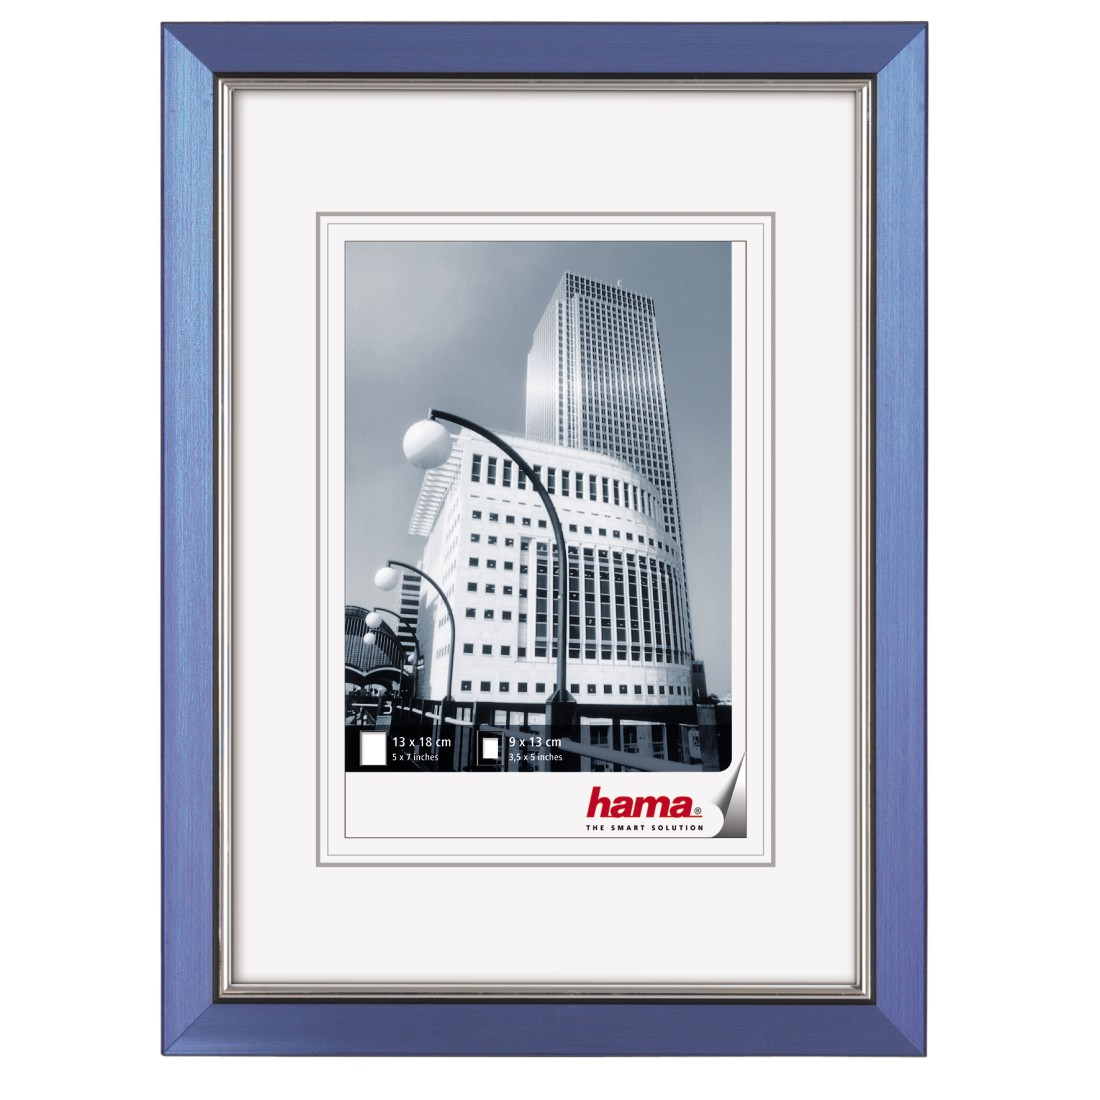 Ausgezeichnet Panoramarahmen 40 X 13 5 Fotos - Benutzerdefinierte ...